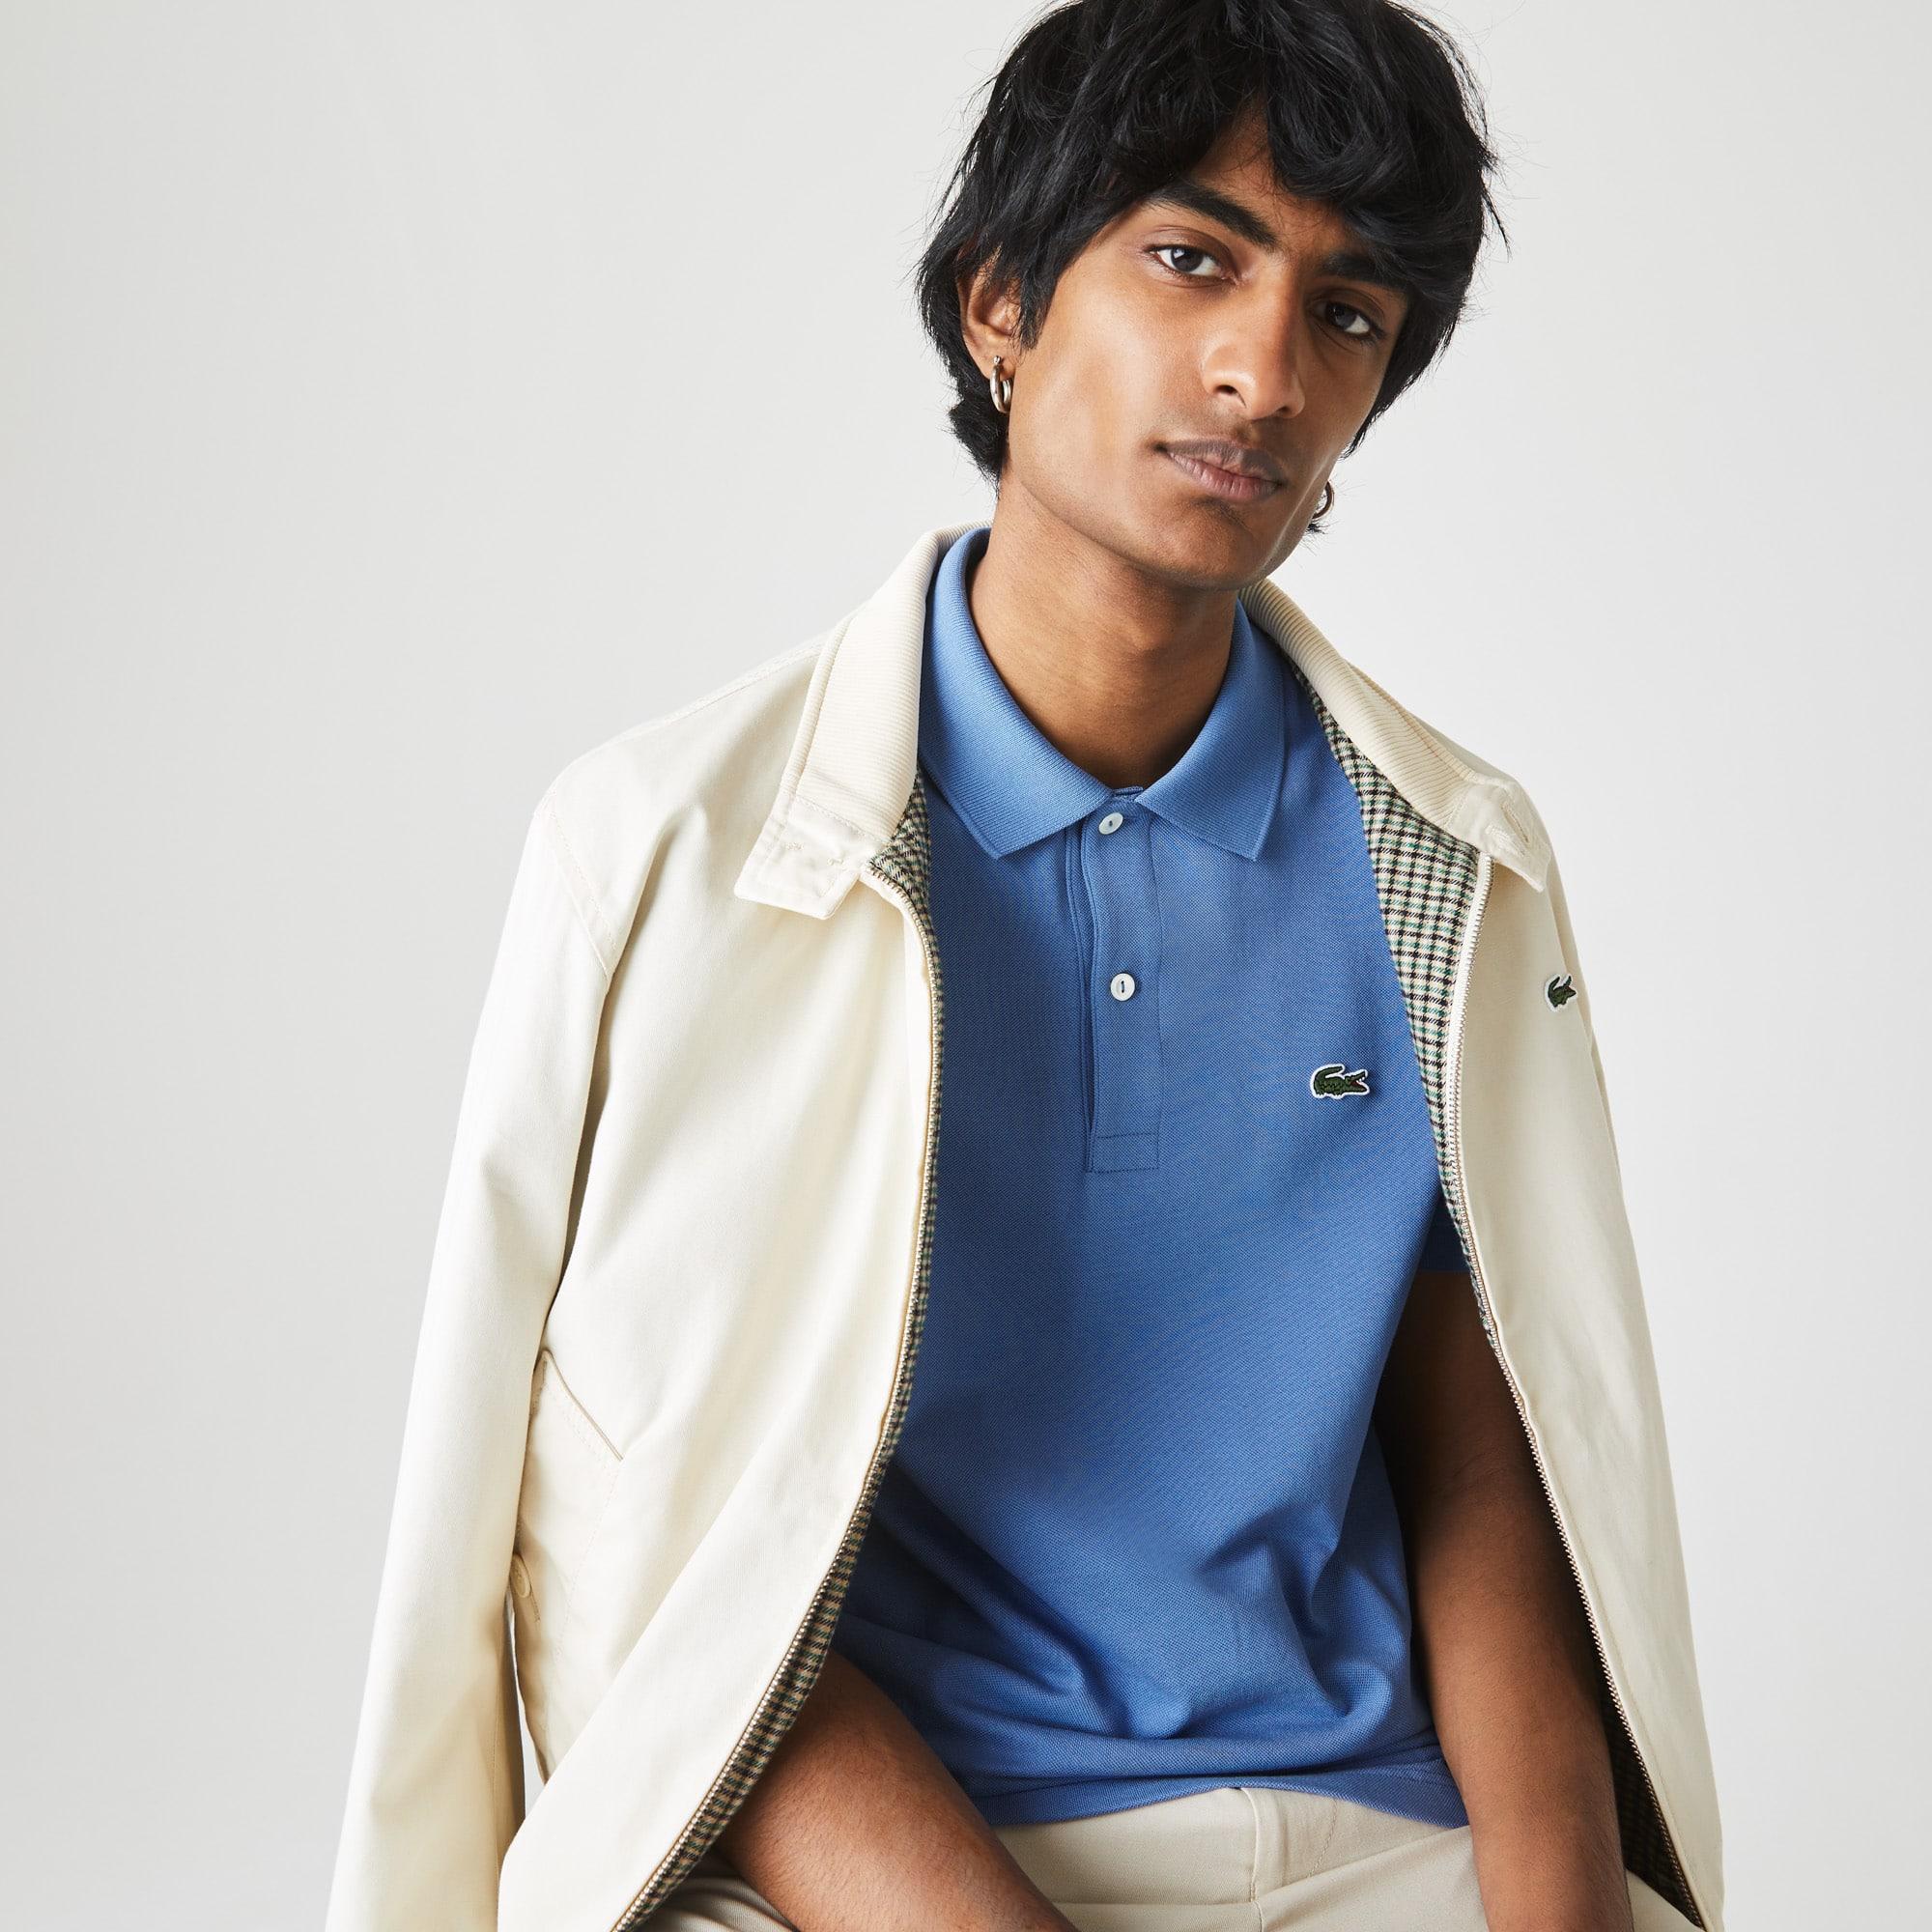 Polo Lacoste slim fit en piqué de coton frais et léger Taille 7 - XXL Bleu